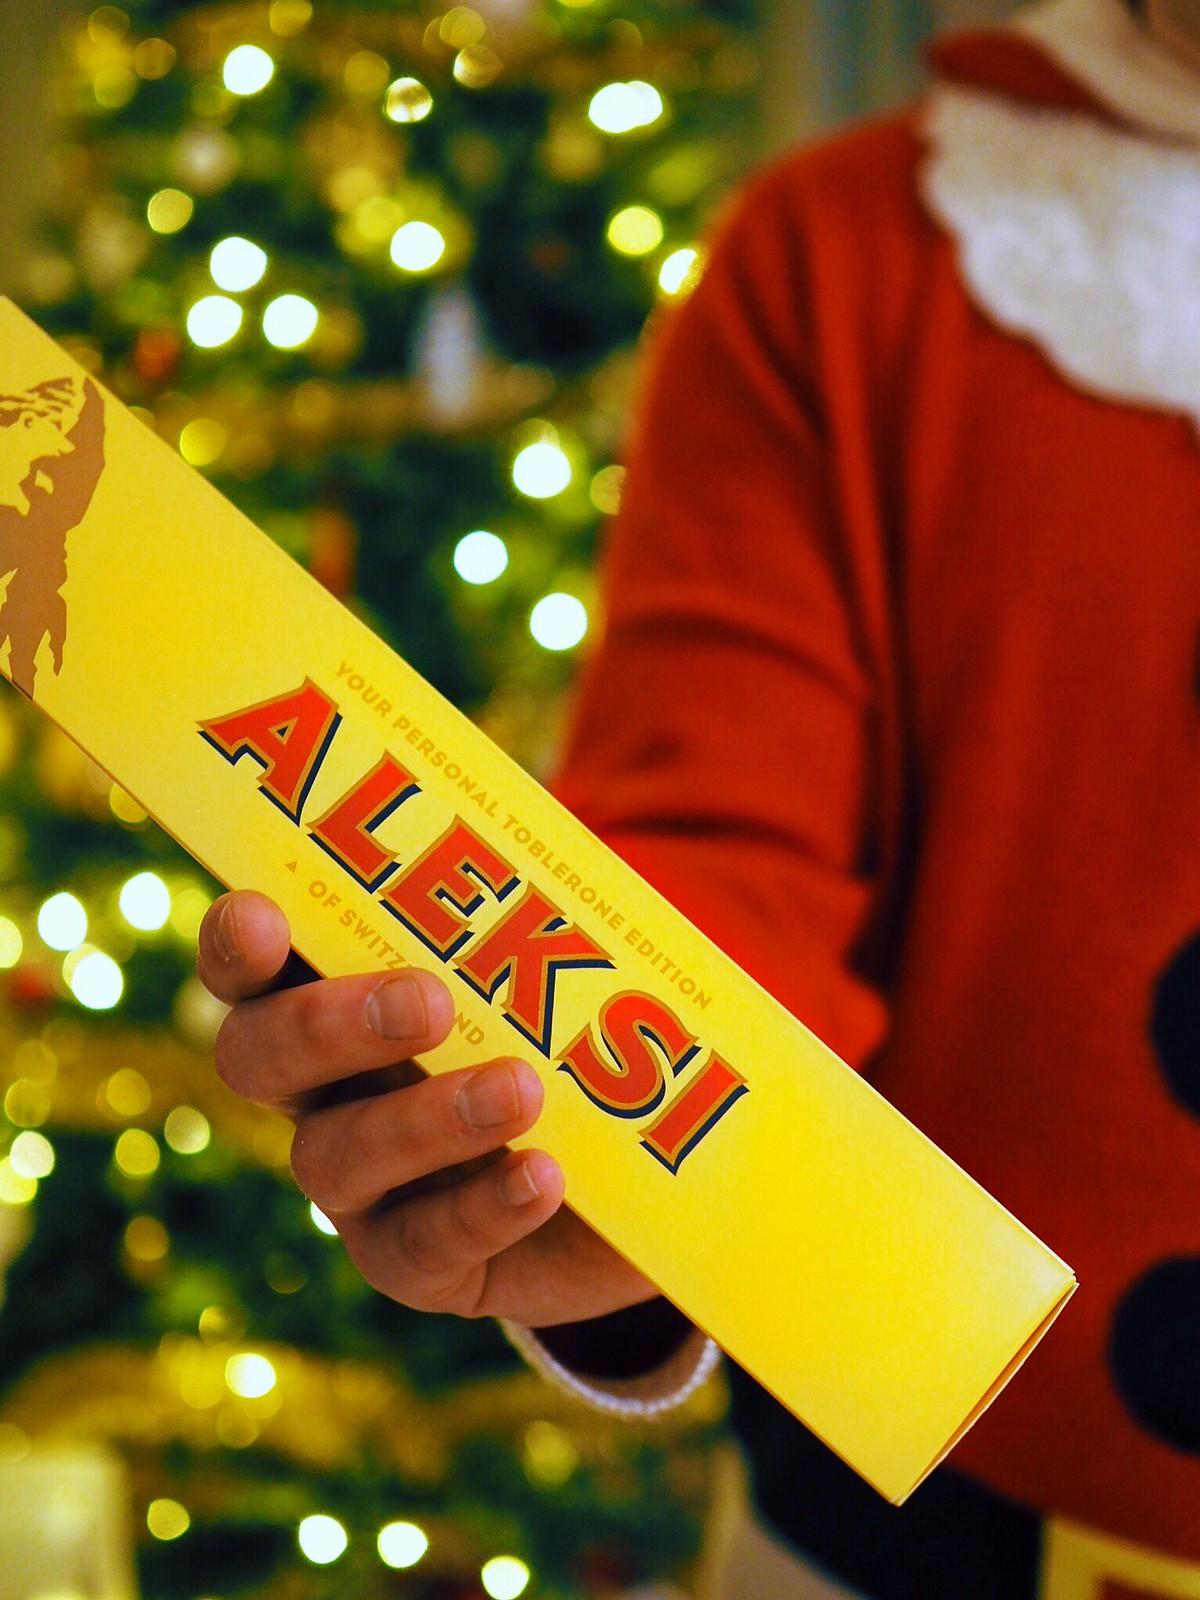 nimikoitu-suklaa